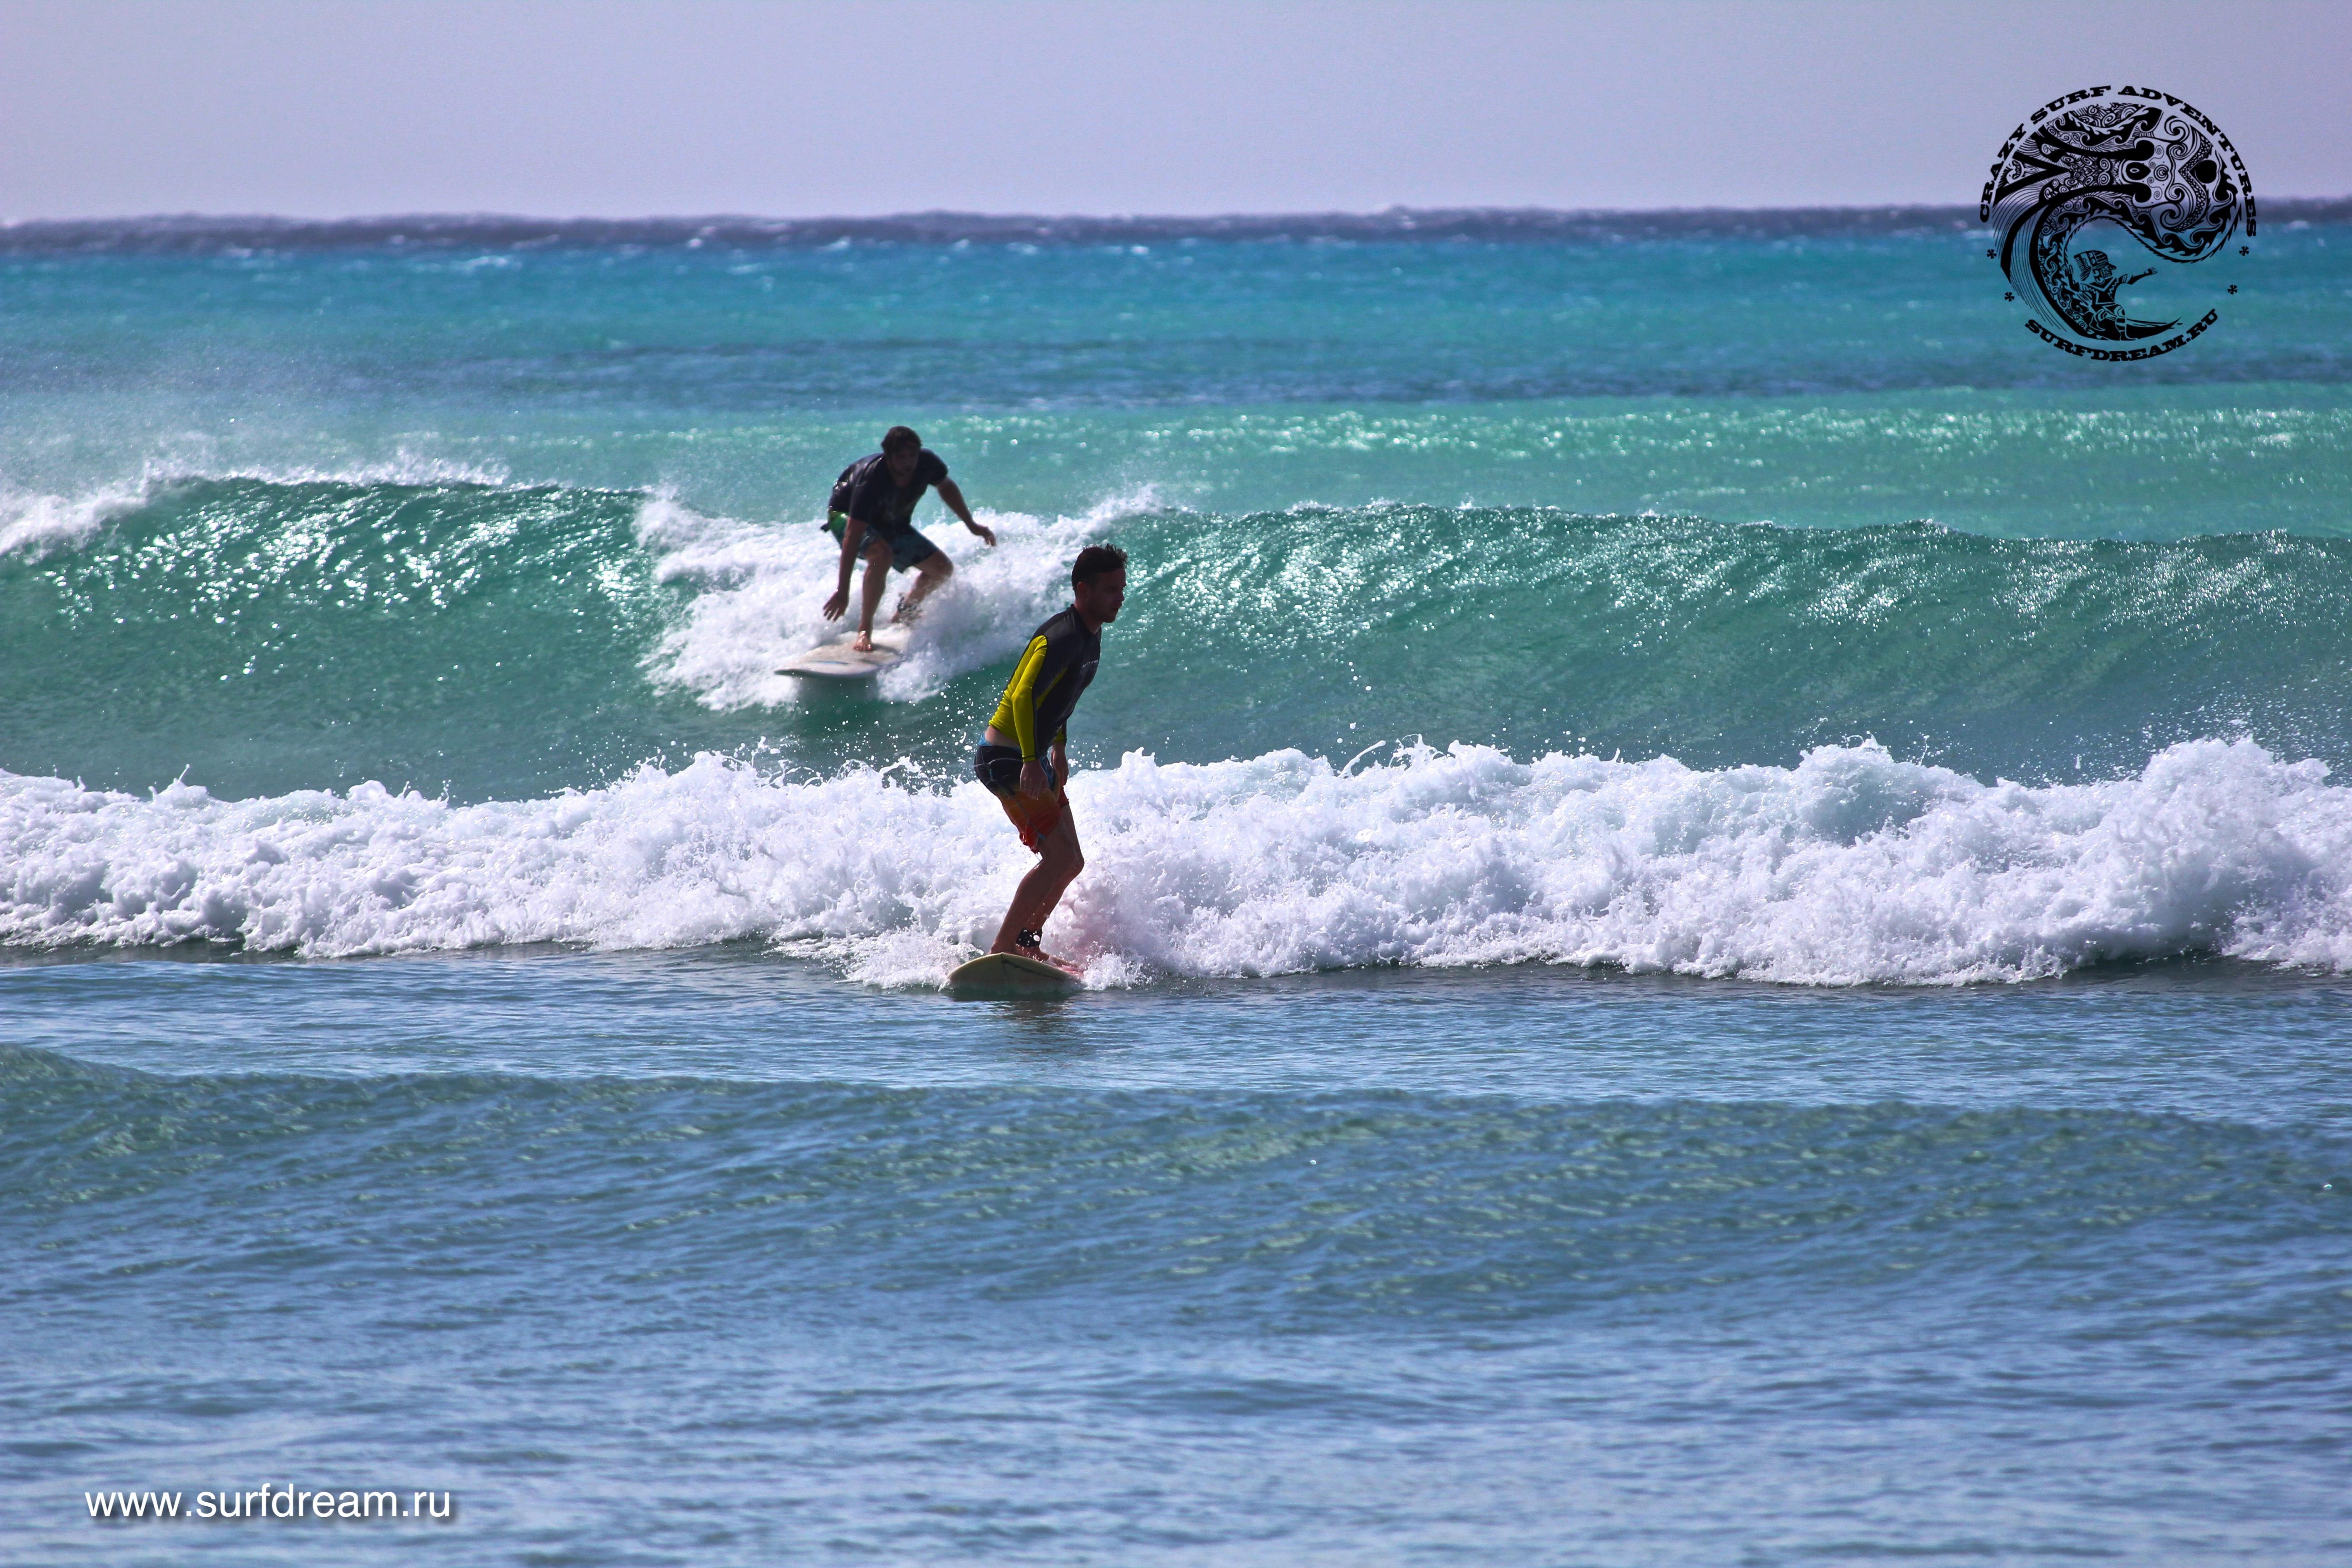 обучение серфингу на Барбадосе